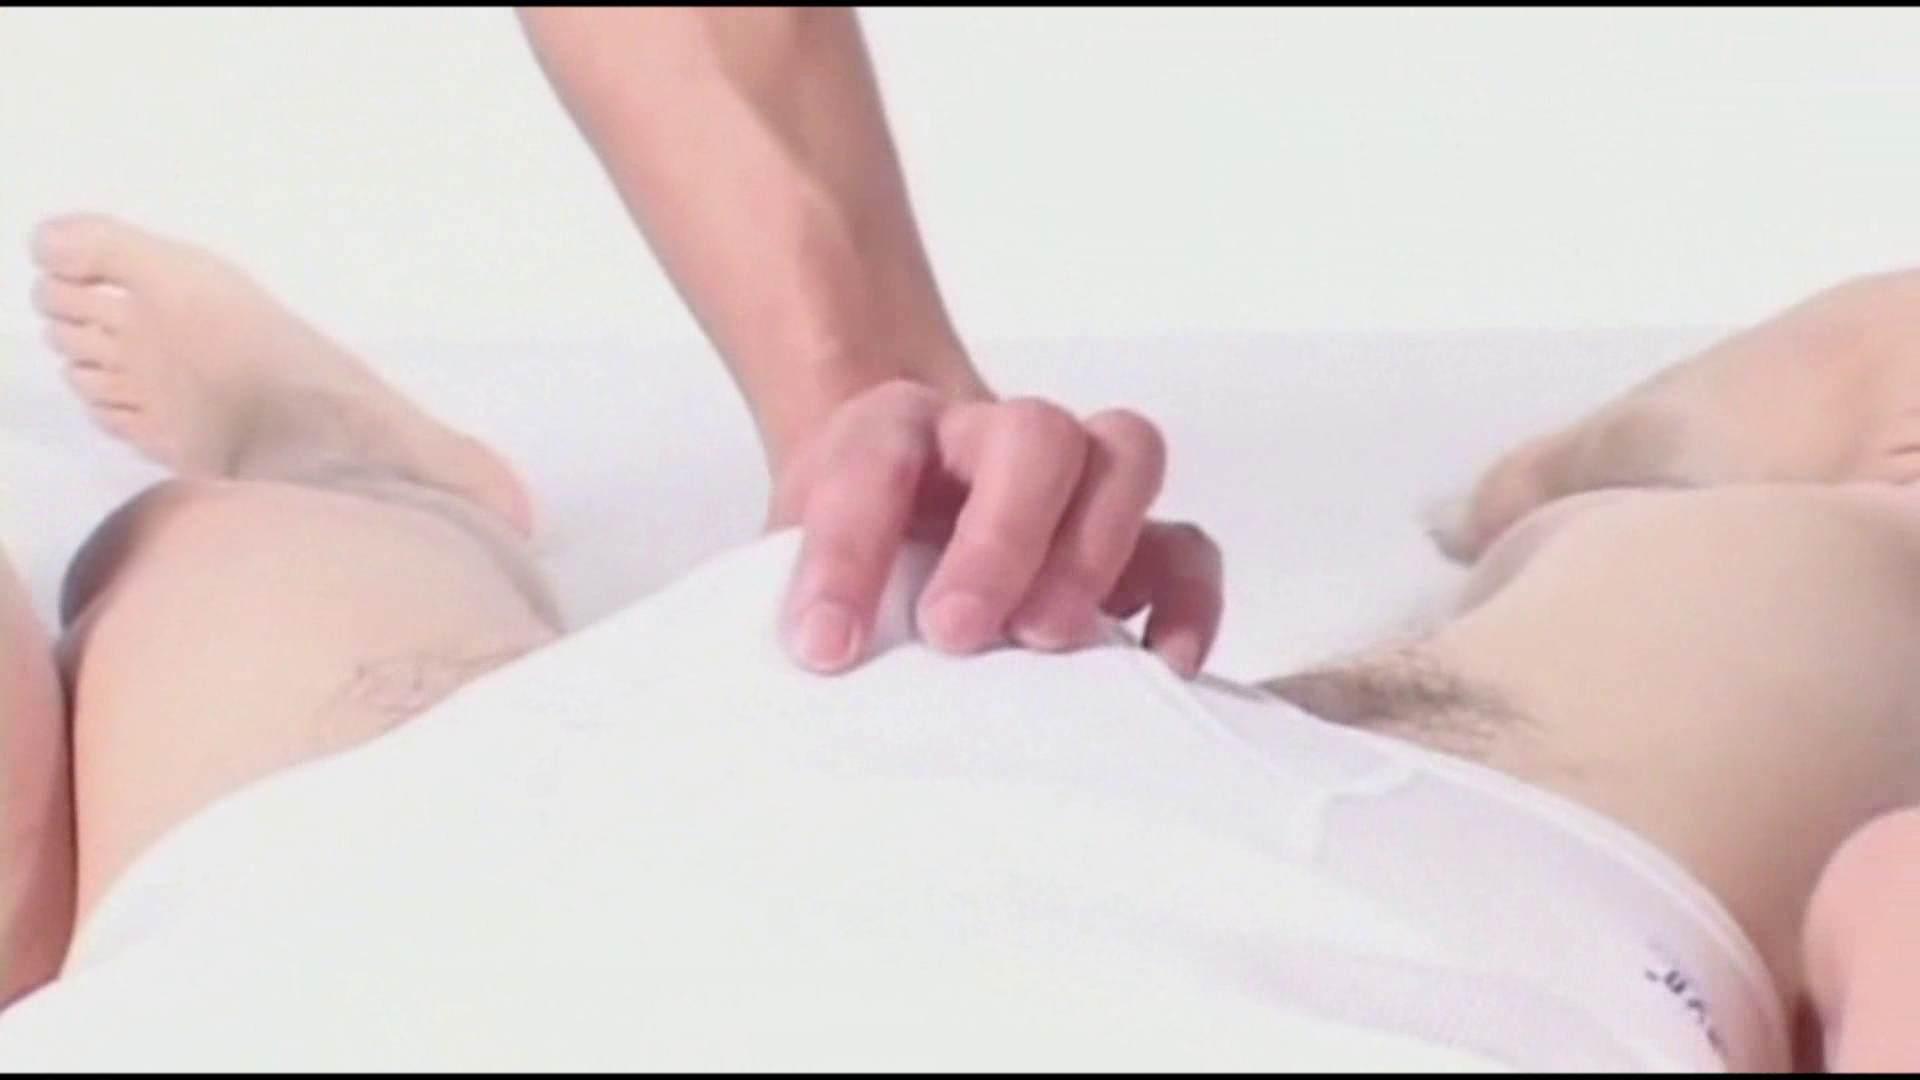 ショウ&ナオキのエロMAXファンタジーVOL.06(ナオキ&ショウ共同作業編) イケメンのゲイ達 ペニス画像 85枚 24